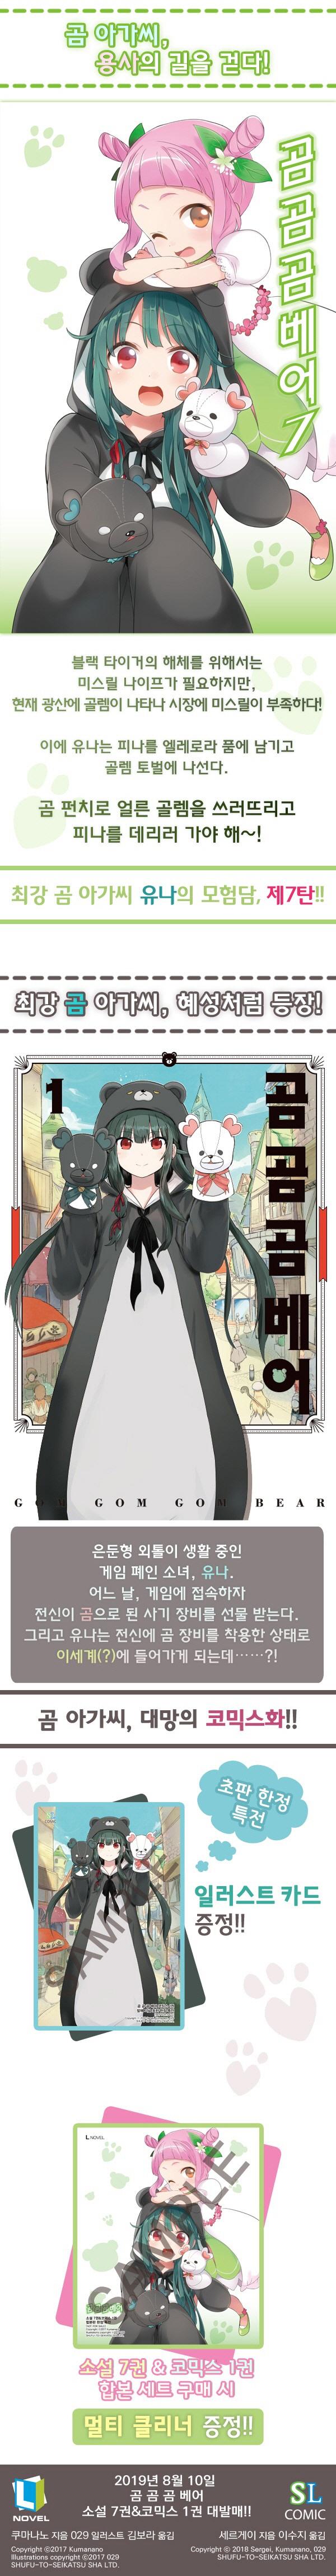 곰 곰 곰 베어 소설 7권 + 만화 1권 합본 세트(L노벨(L Novel))(전2권) 도서 상세이미지